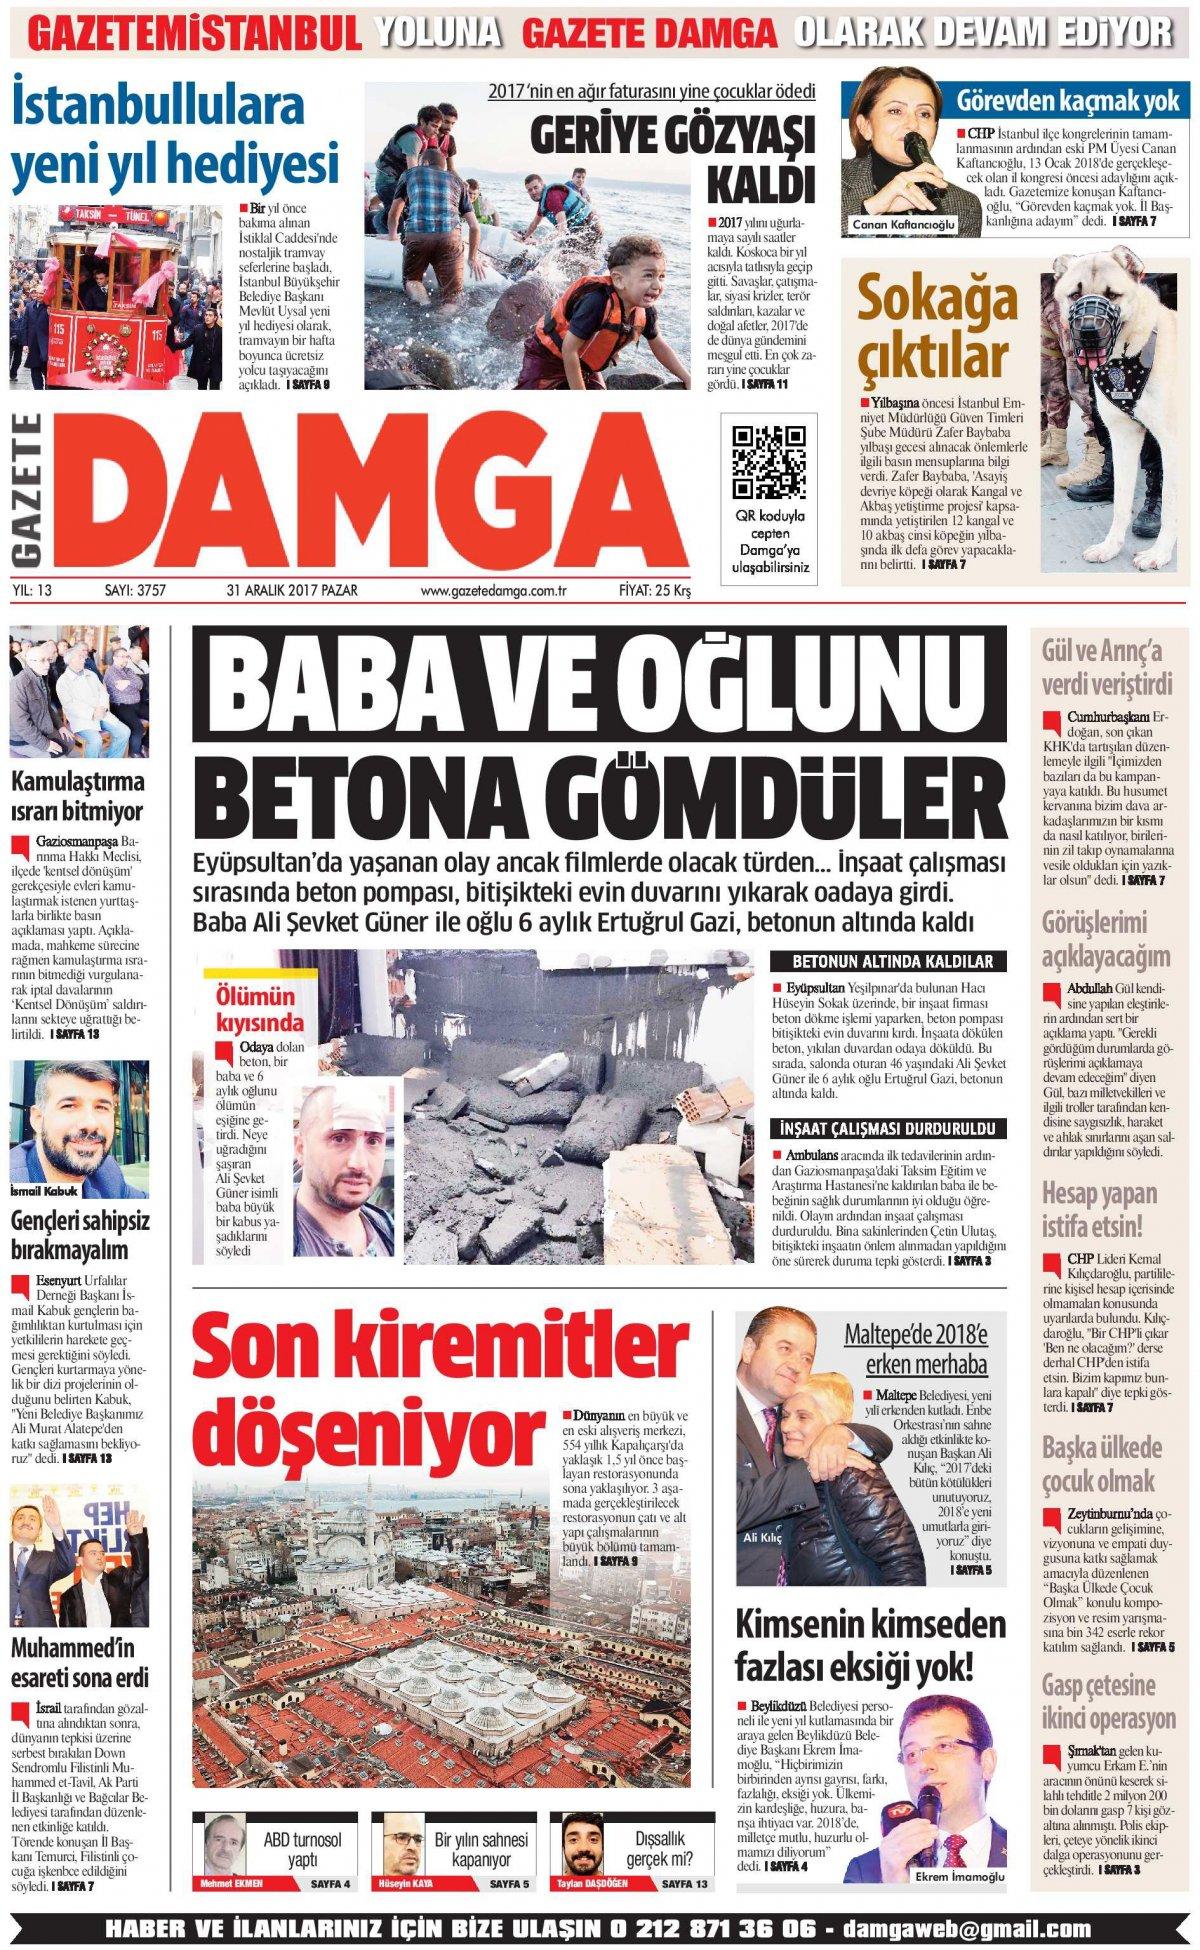 Gazete Damga - 31.12.2017 Manşeti